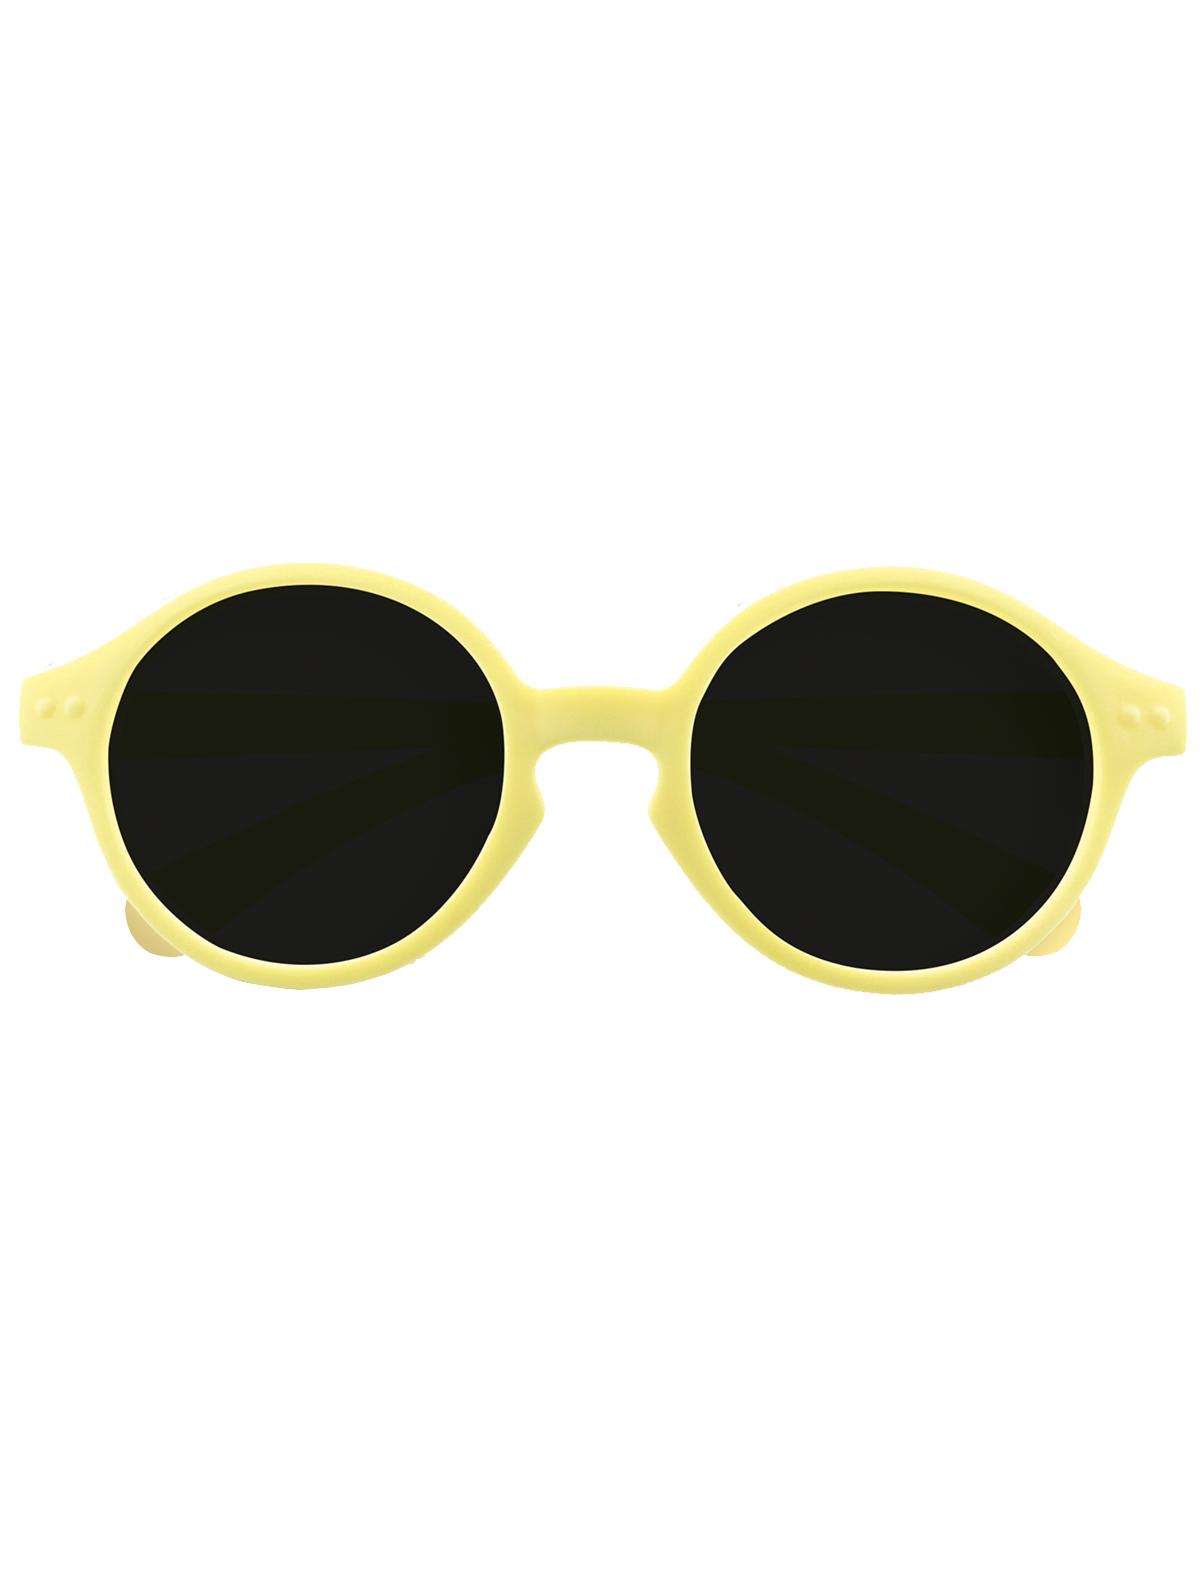 Купить 2196615, Очки IZIPIZI, желтый, 5252828980032